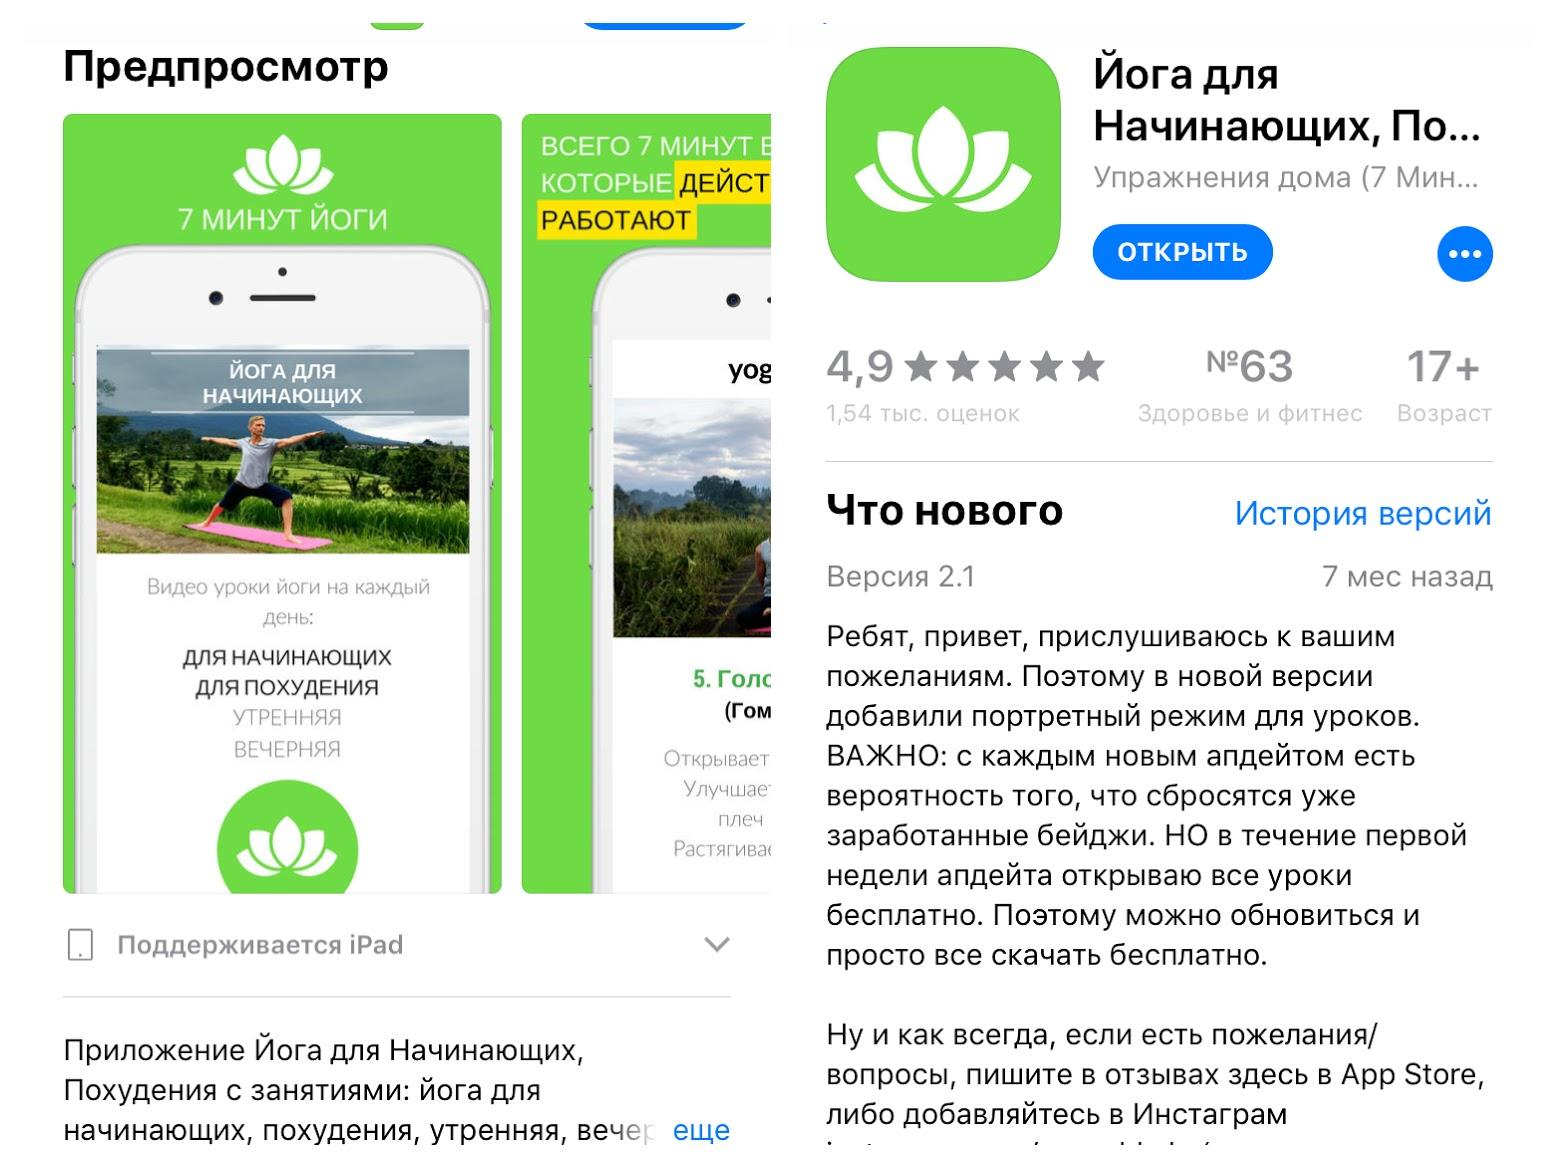 Приложение В App Store Для Похудения. Лучшие приложение для похудения на айфон